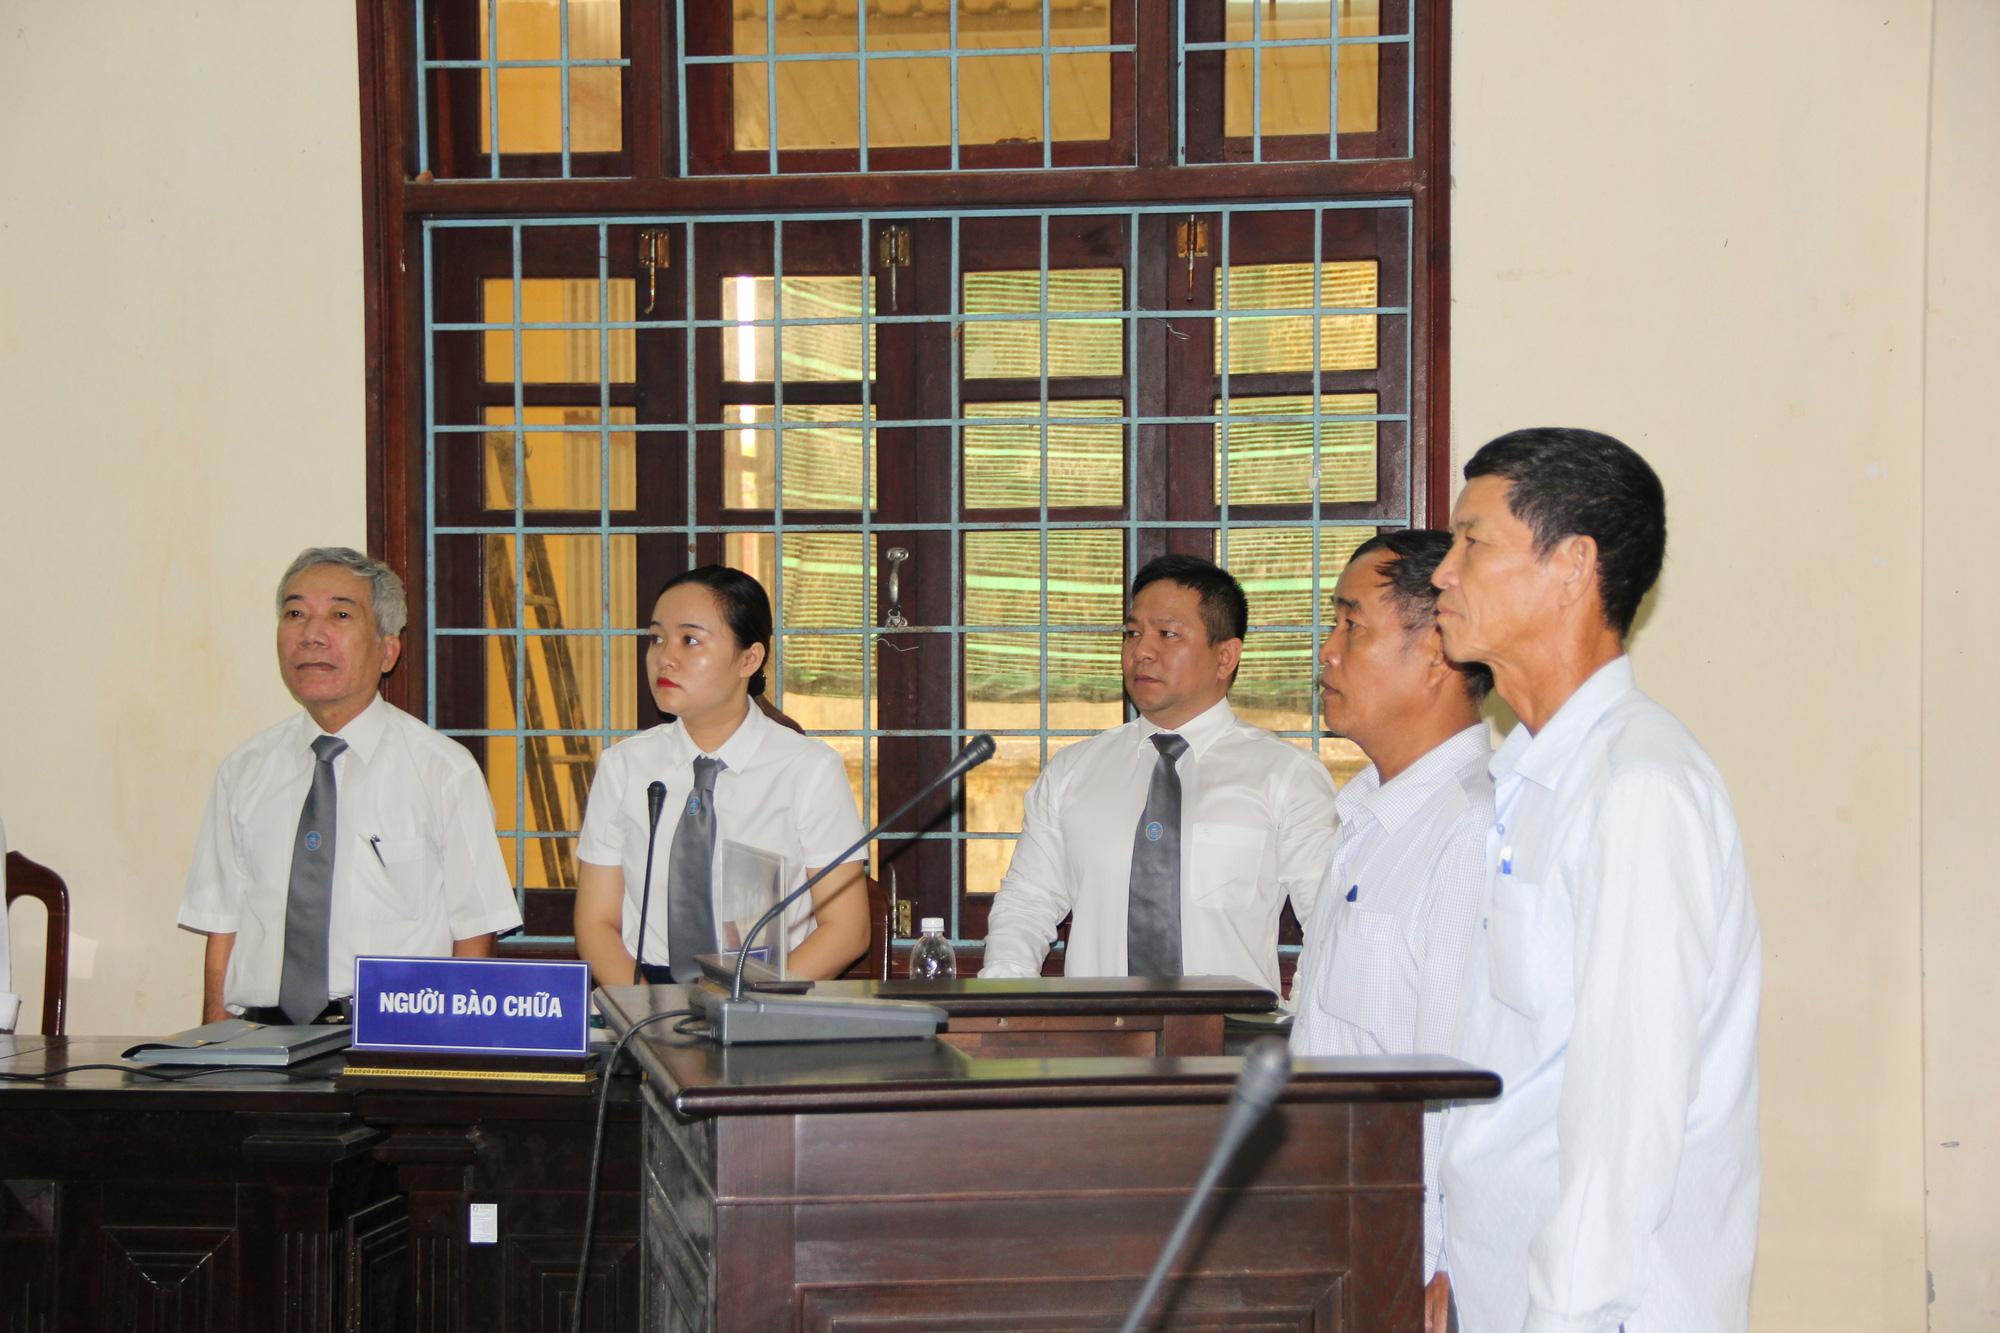 Tình tiết bất ngờ trong vụ án 2 cán bộ xã và cháu bé chết trong bể phốt ở Quảng Trị - Ảnh 2.